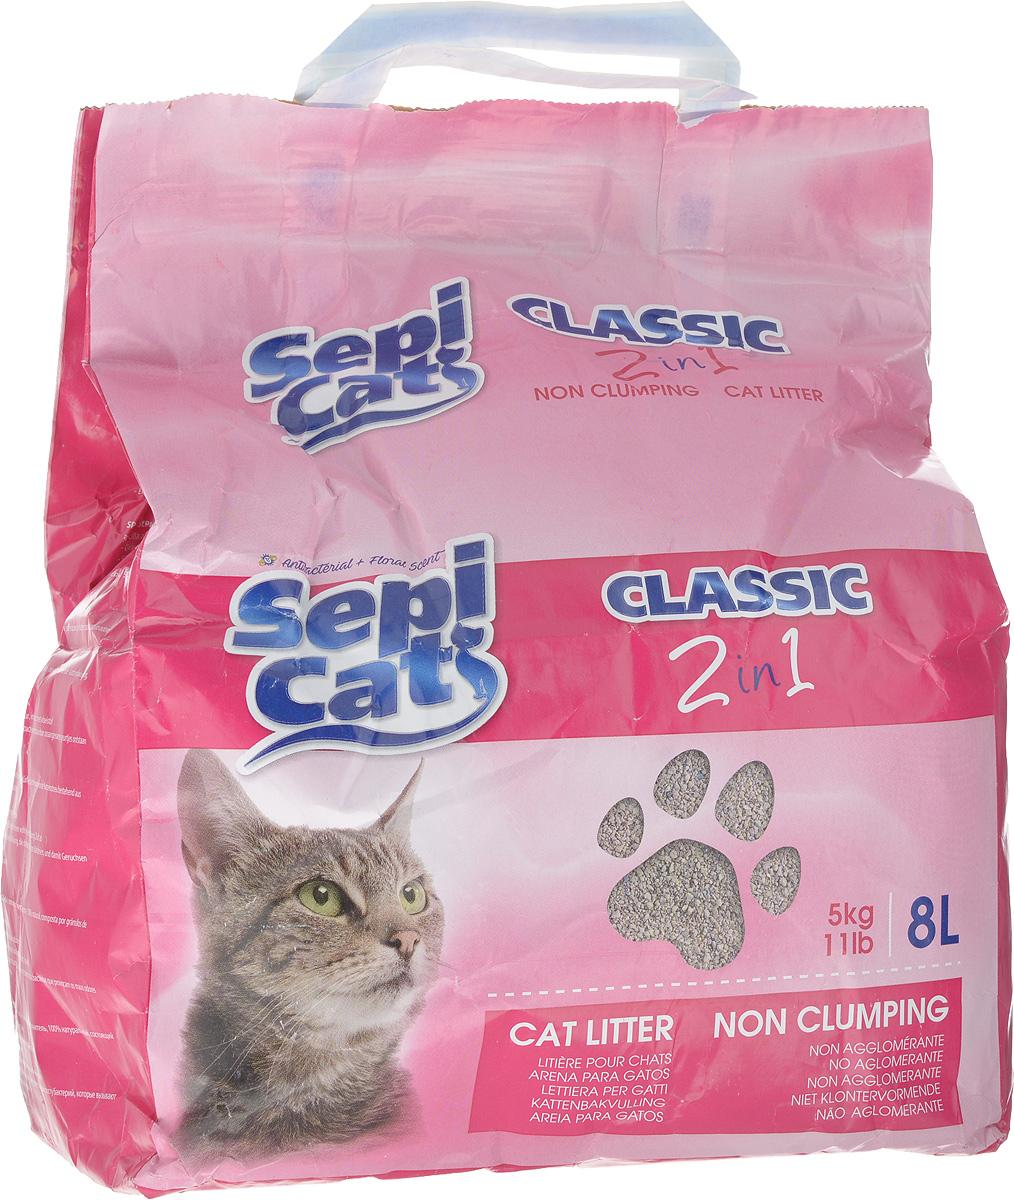 Наполнитель для кошачьих туалетов SepiCat Антибактериальный, классический, впитывающий, 8 л0120710Наполнитель SepiCat Антибактериальный - это экологически чистый наполнитель для кошачьего туалета. Изготовлен из 100% натуральных минеральных компонентов. Безопасен для животного и для человека.Инновационная антибактериальная формула обеспечит исключительную гигиеничность лотка, защищая вашего питомца и дом от бактерий.Быстро и эффективно впитывает и удерживает большое количество влаги, надежно поглощает запах, не допускает появления неприятного запаха вновь.Антибактериальные ароматические гранулы активируются при контакте с жидкостью, что обеспечит чистоту и комфорт на продолжительное время. Состав: 100% натуральная глина, антибактериальные добавки.Товар сертифицирован.